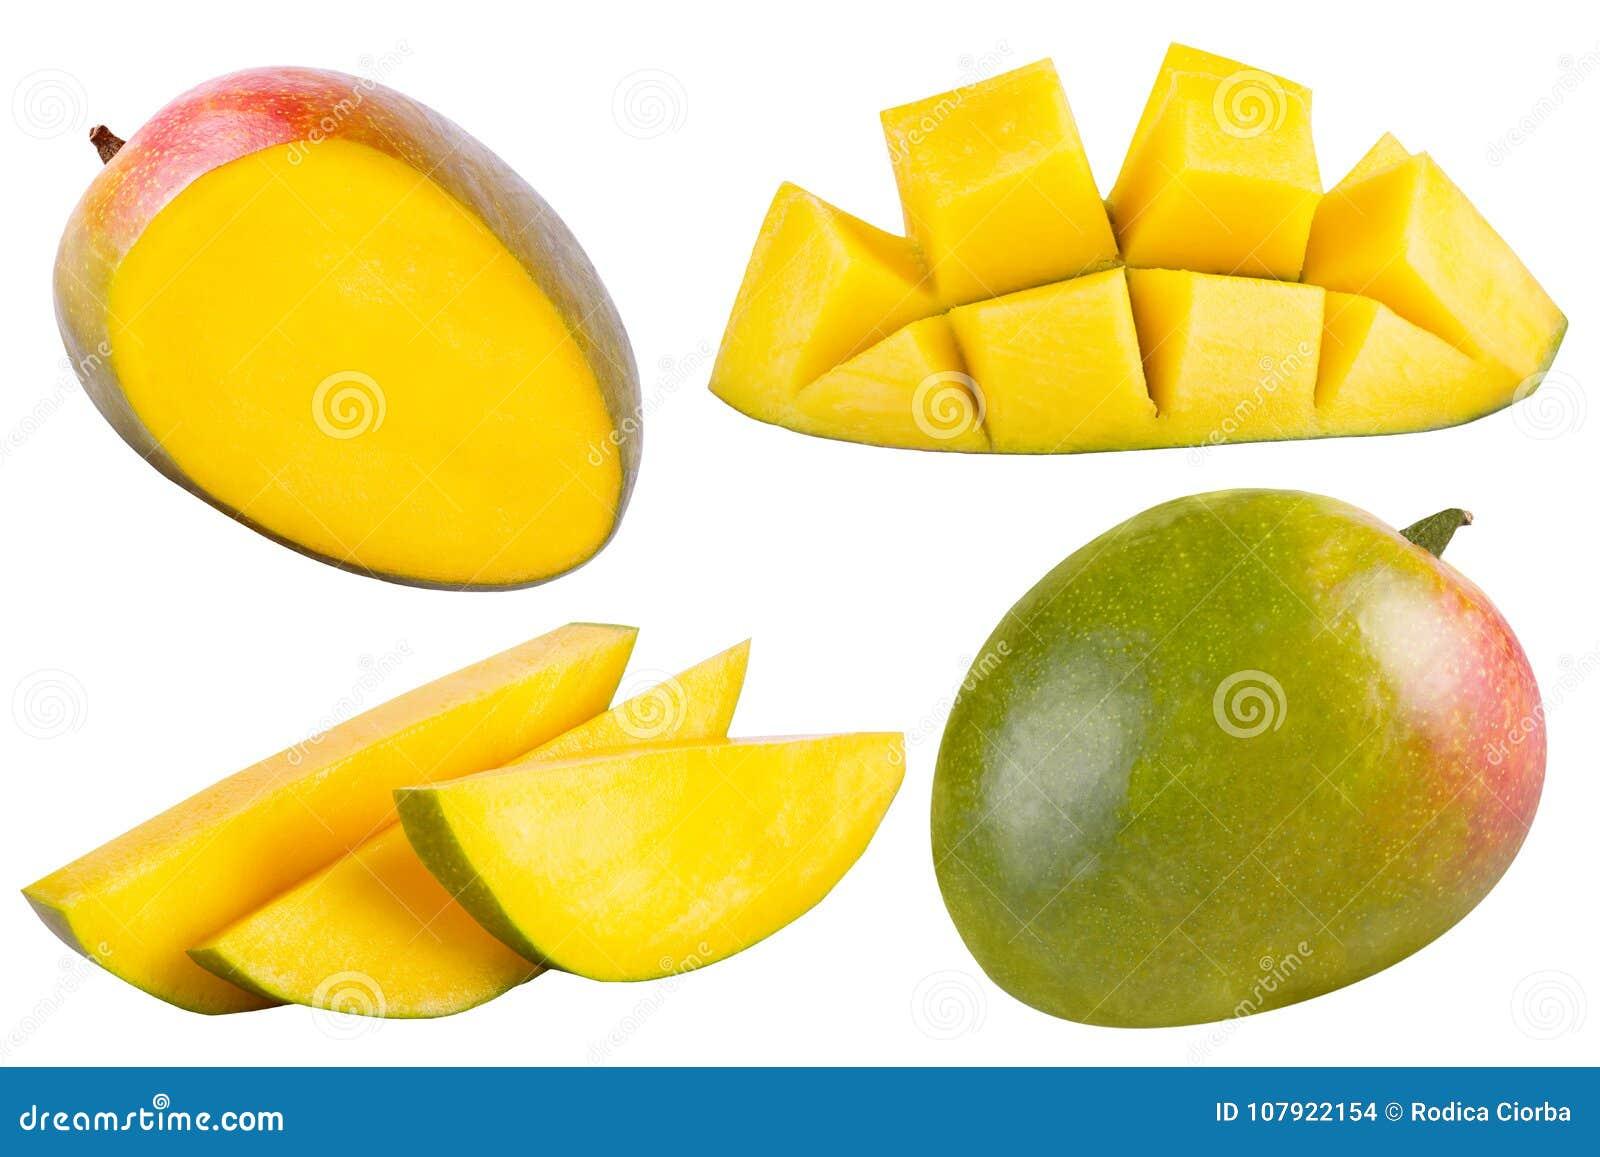 Colección De Mango Entero Y Cortado En Blanco Foto de archivo ... 211769692863